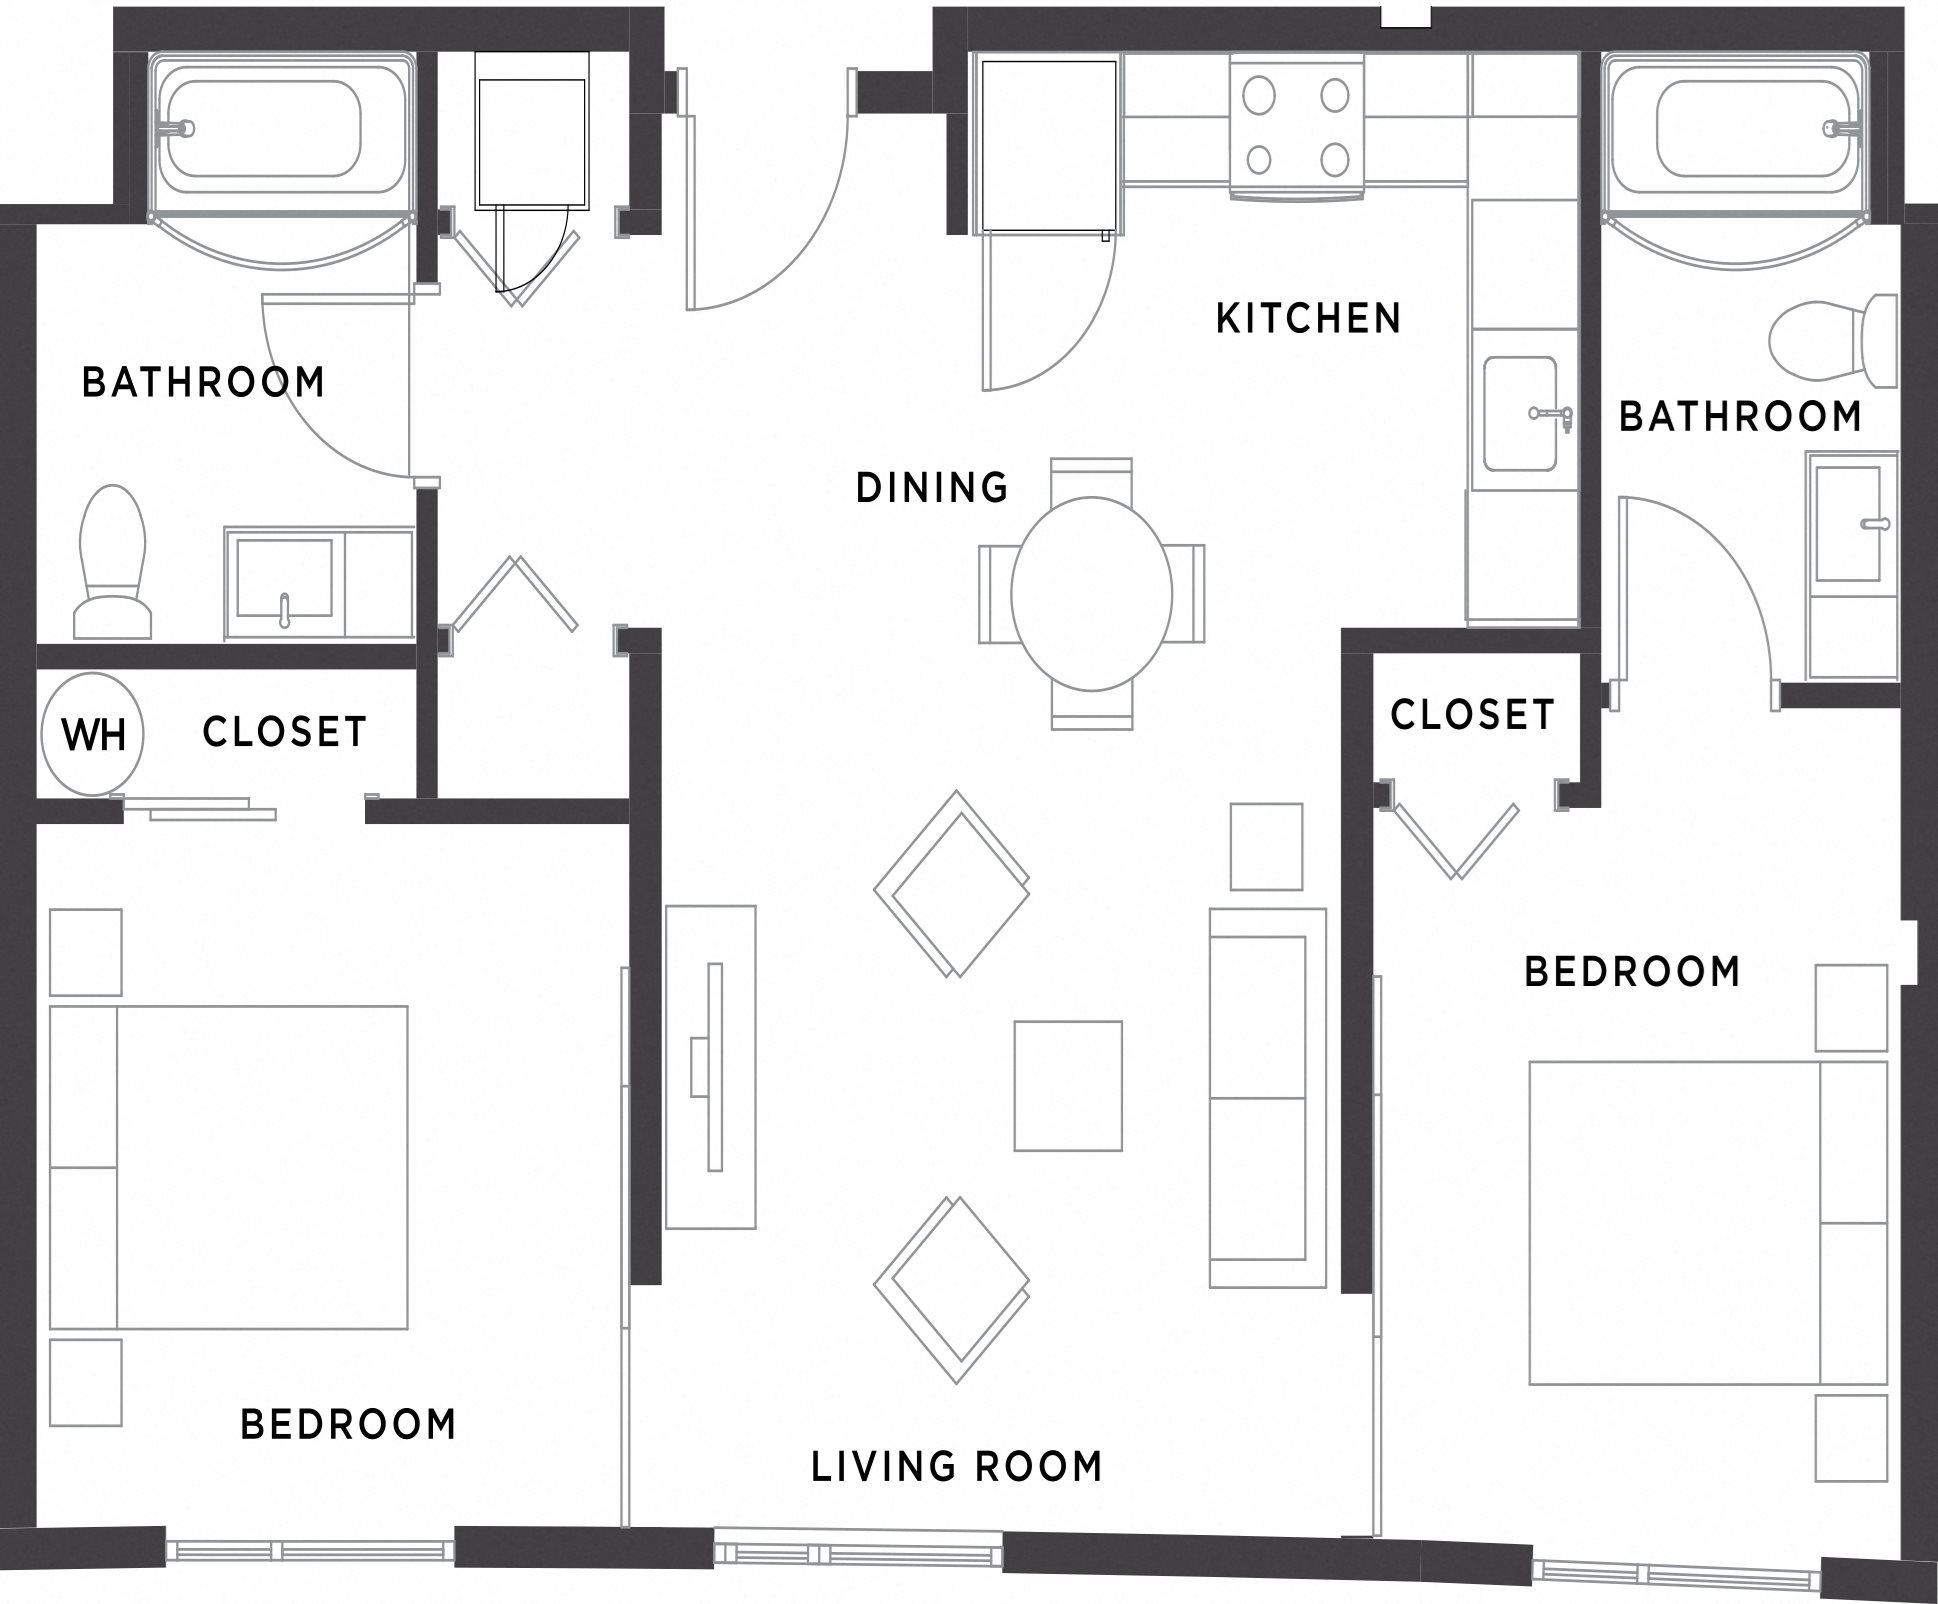 2BR/2BA Floor Plan 4